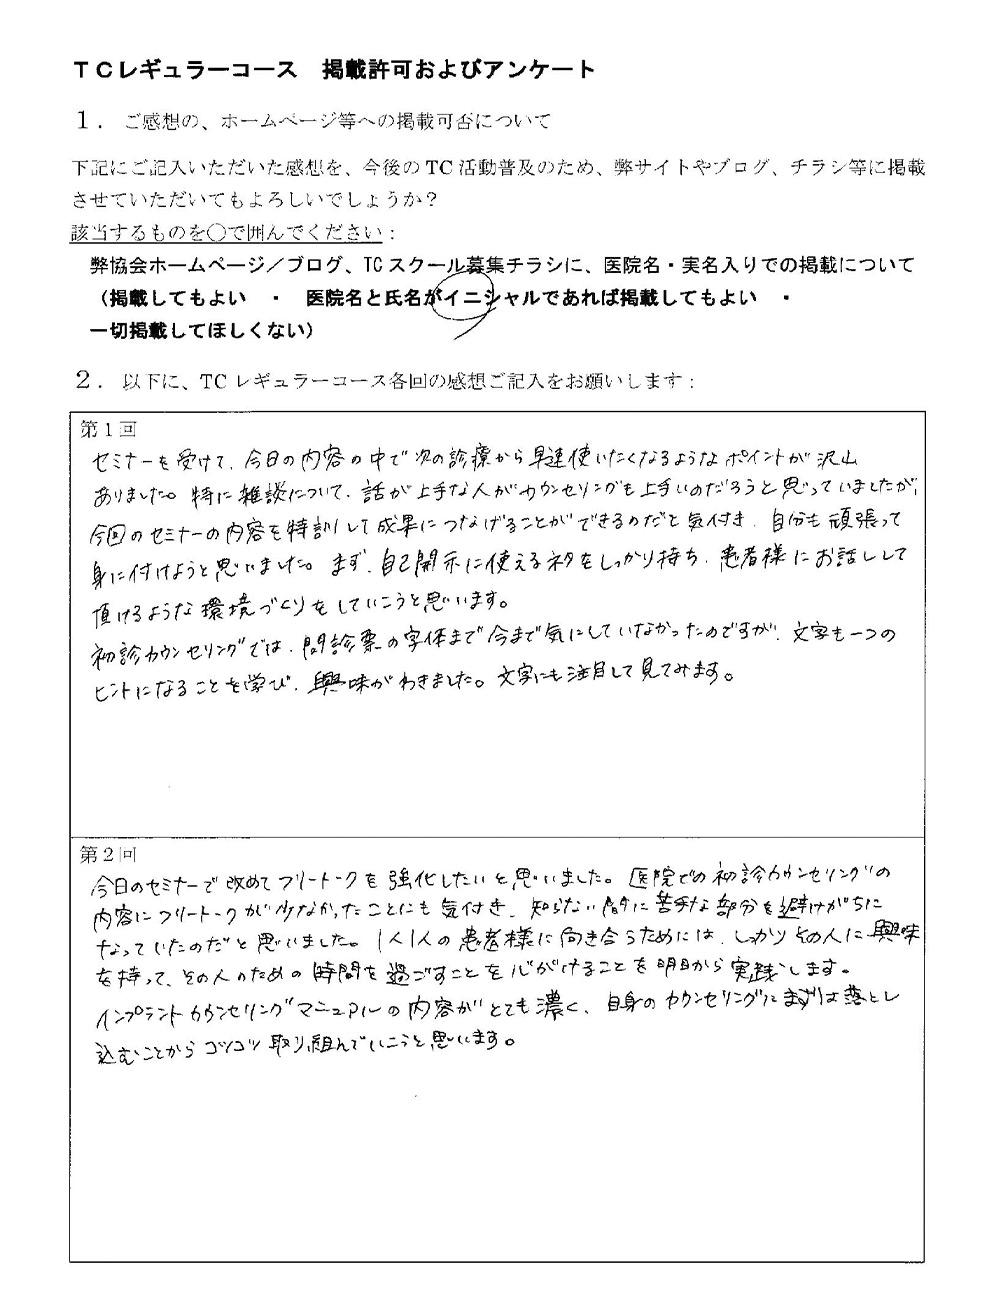 S.A 様アンケート